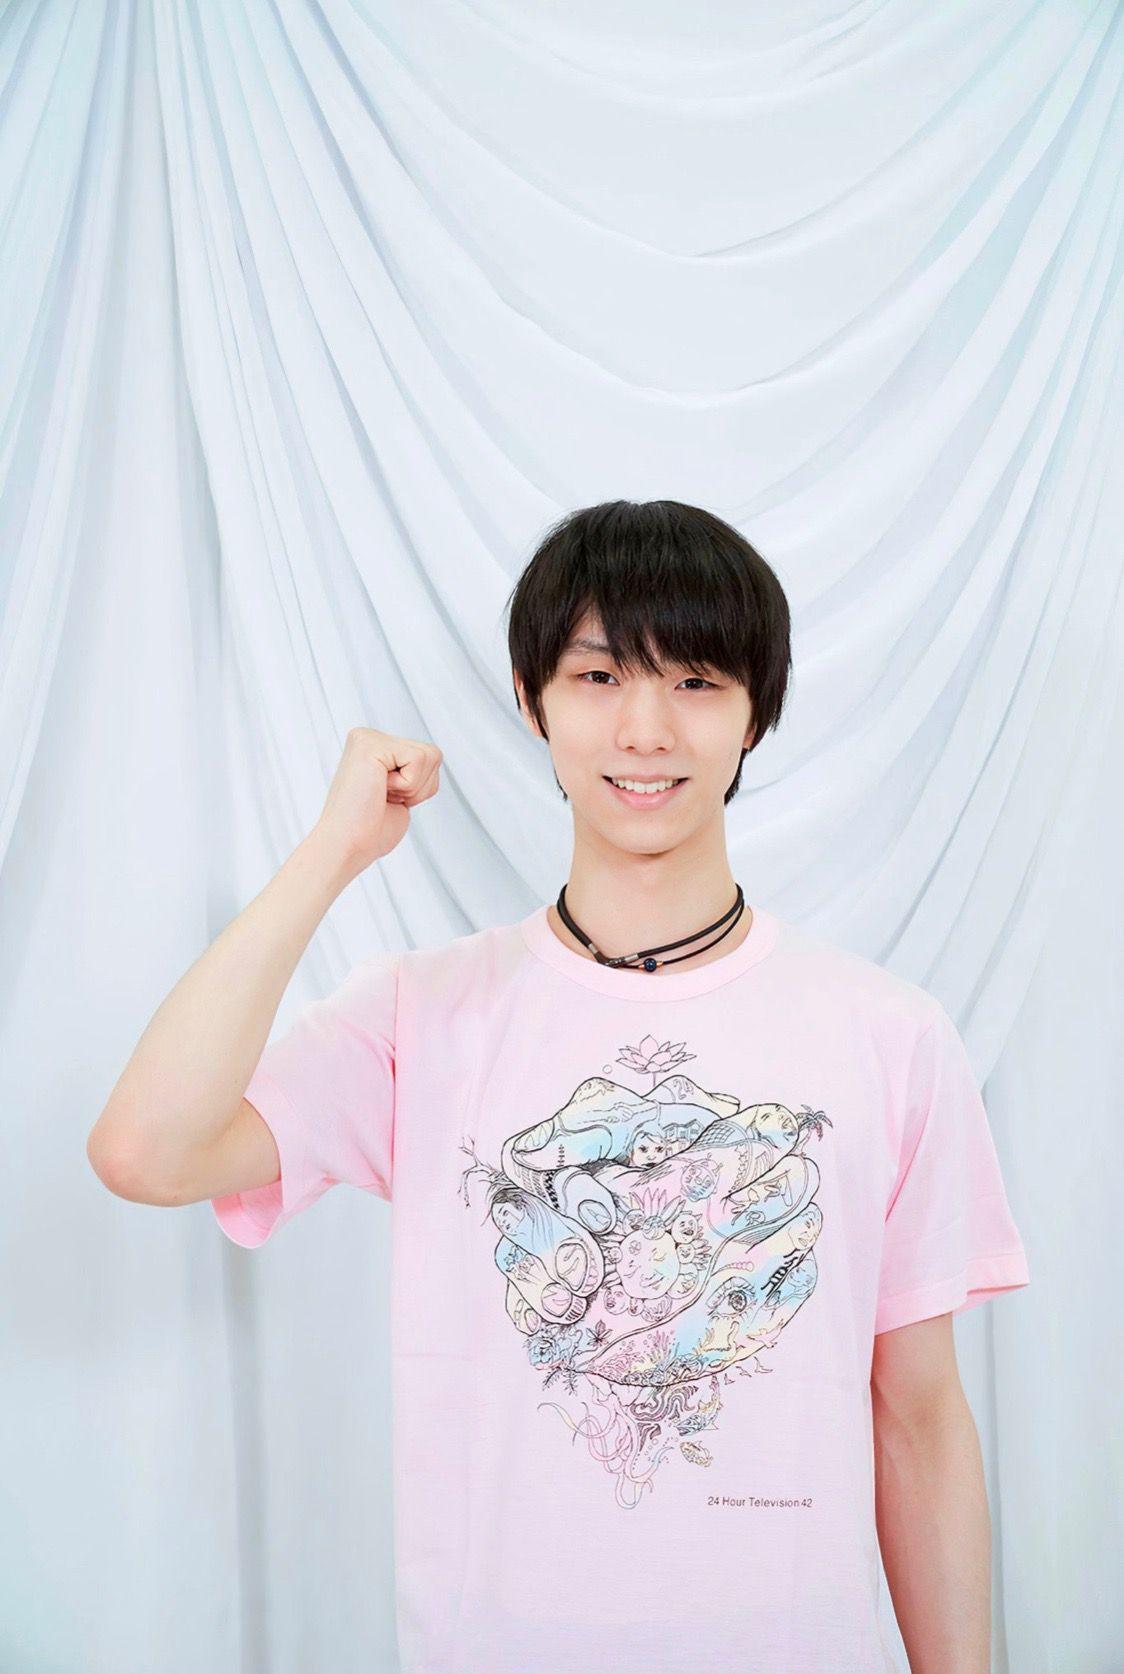 24時間テレビ42 8月24日 土 25日 日 放送 Yuzuru アイスショー 羽生結弦 羽生 結 弦 選手